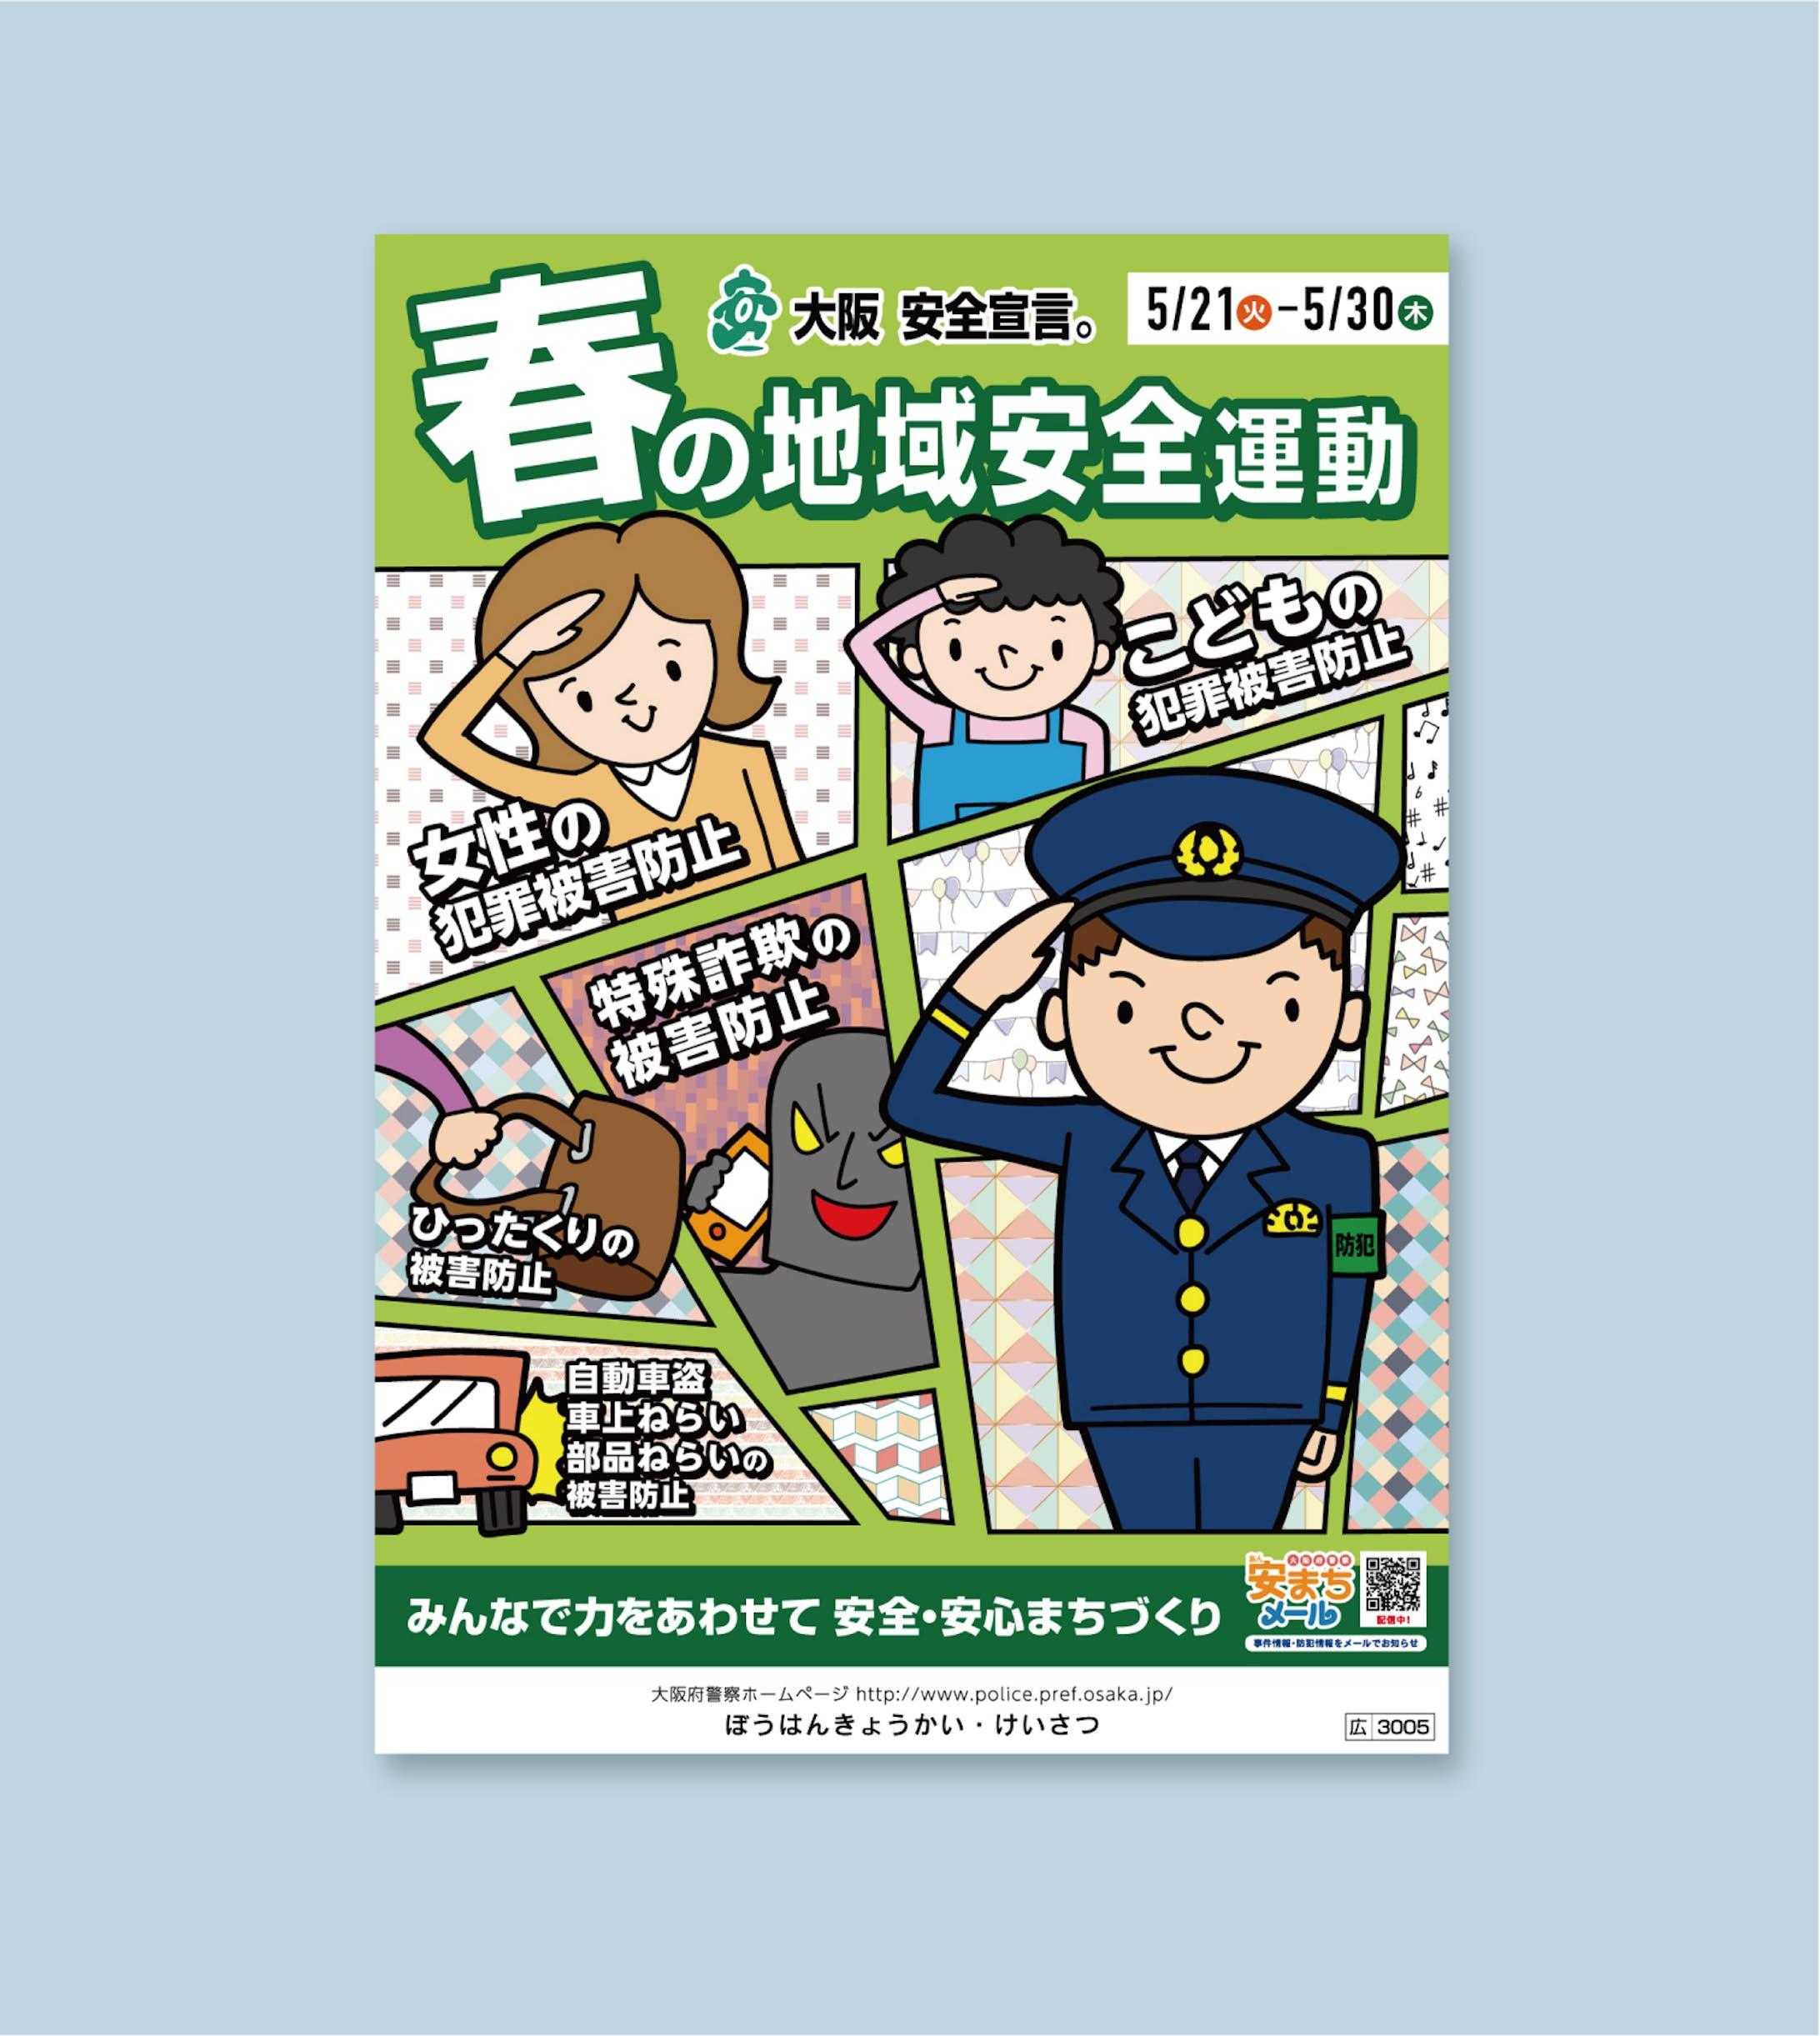 2019年 春の地域安全運動 ポスター -1